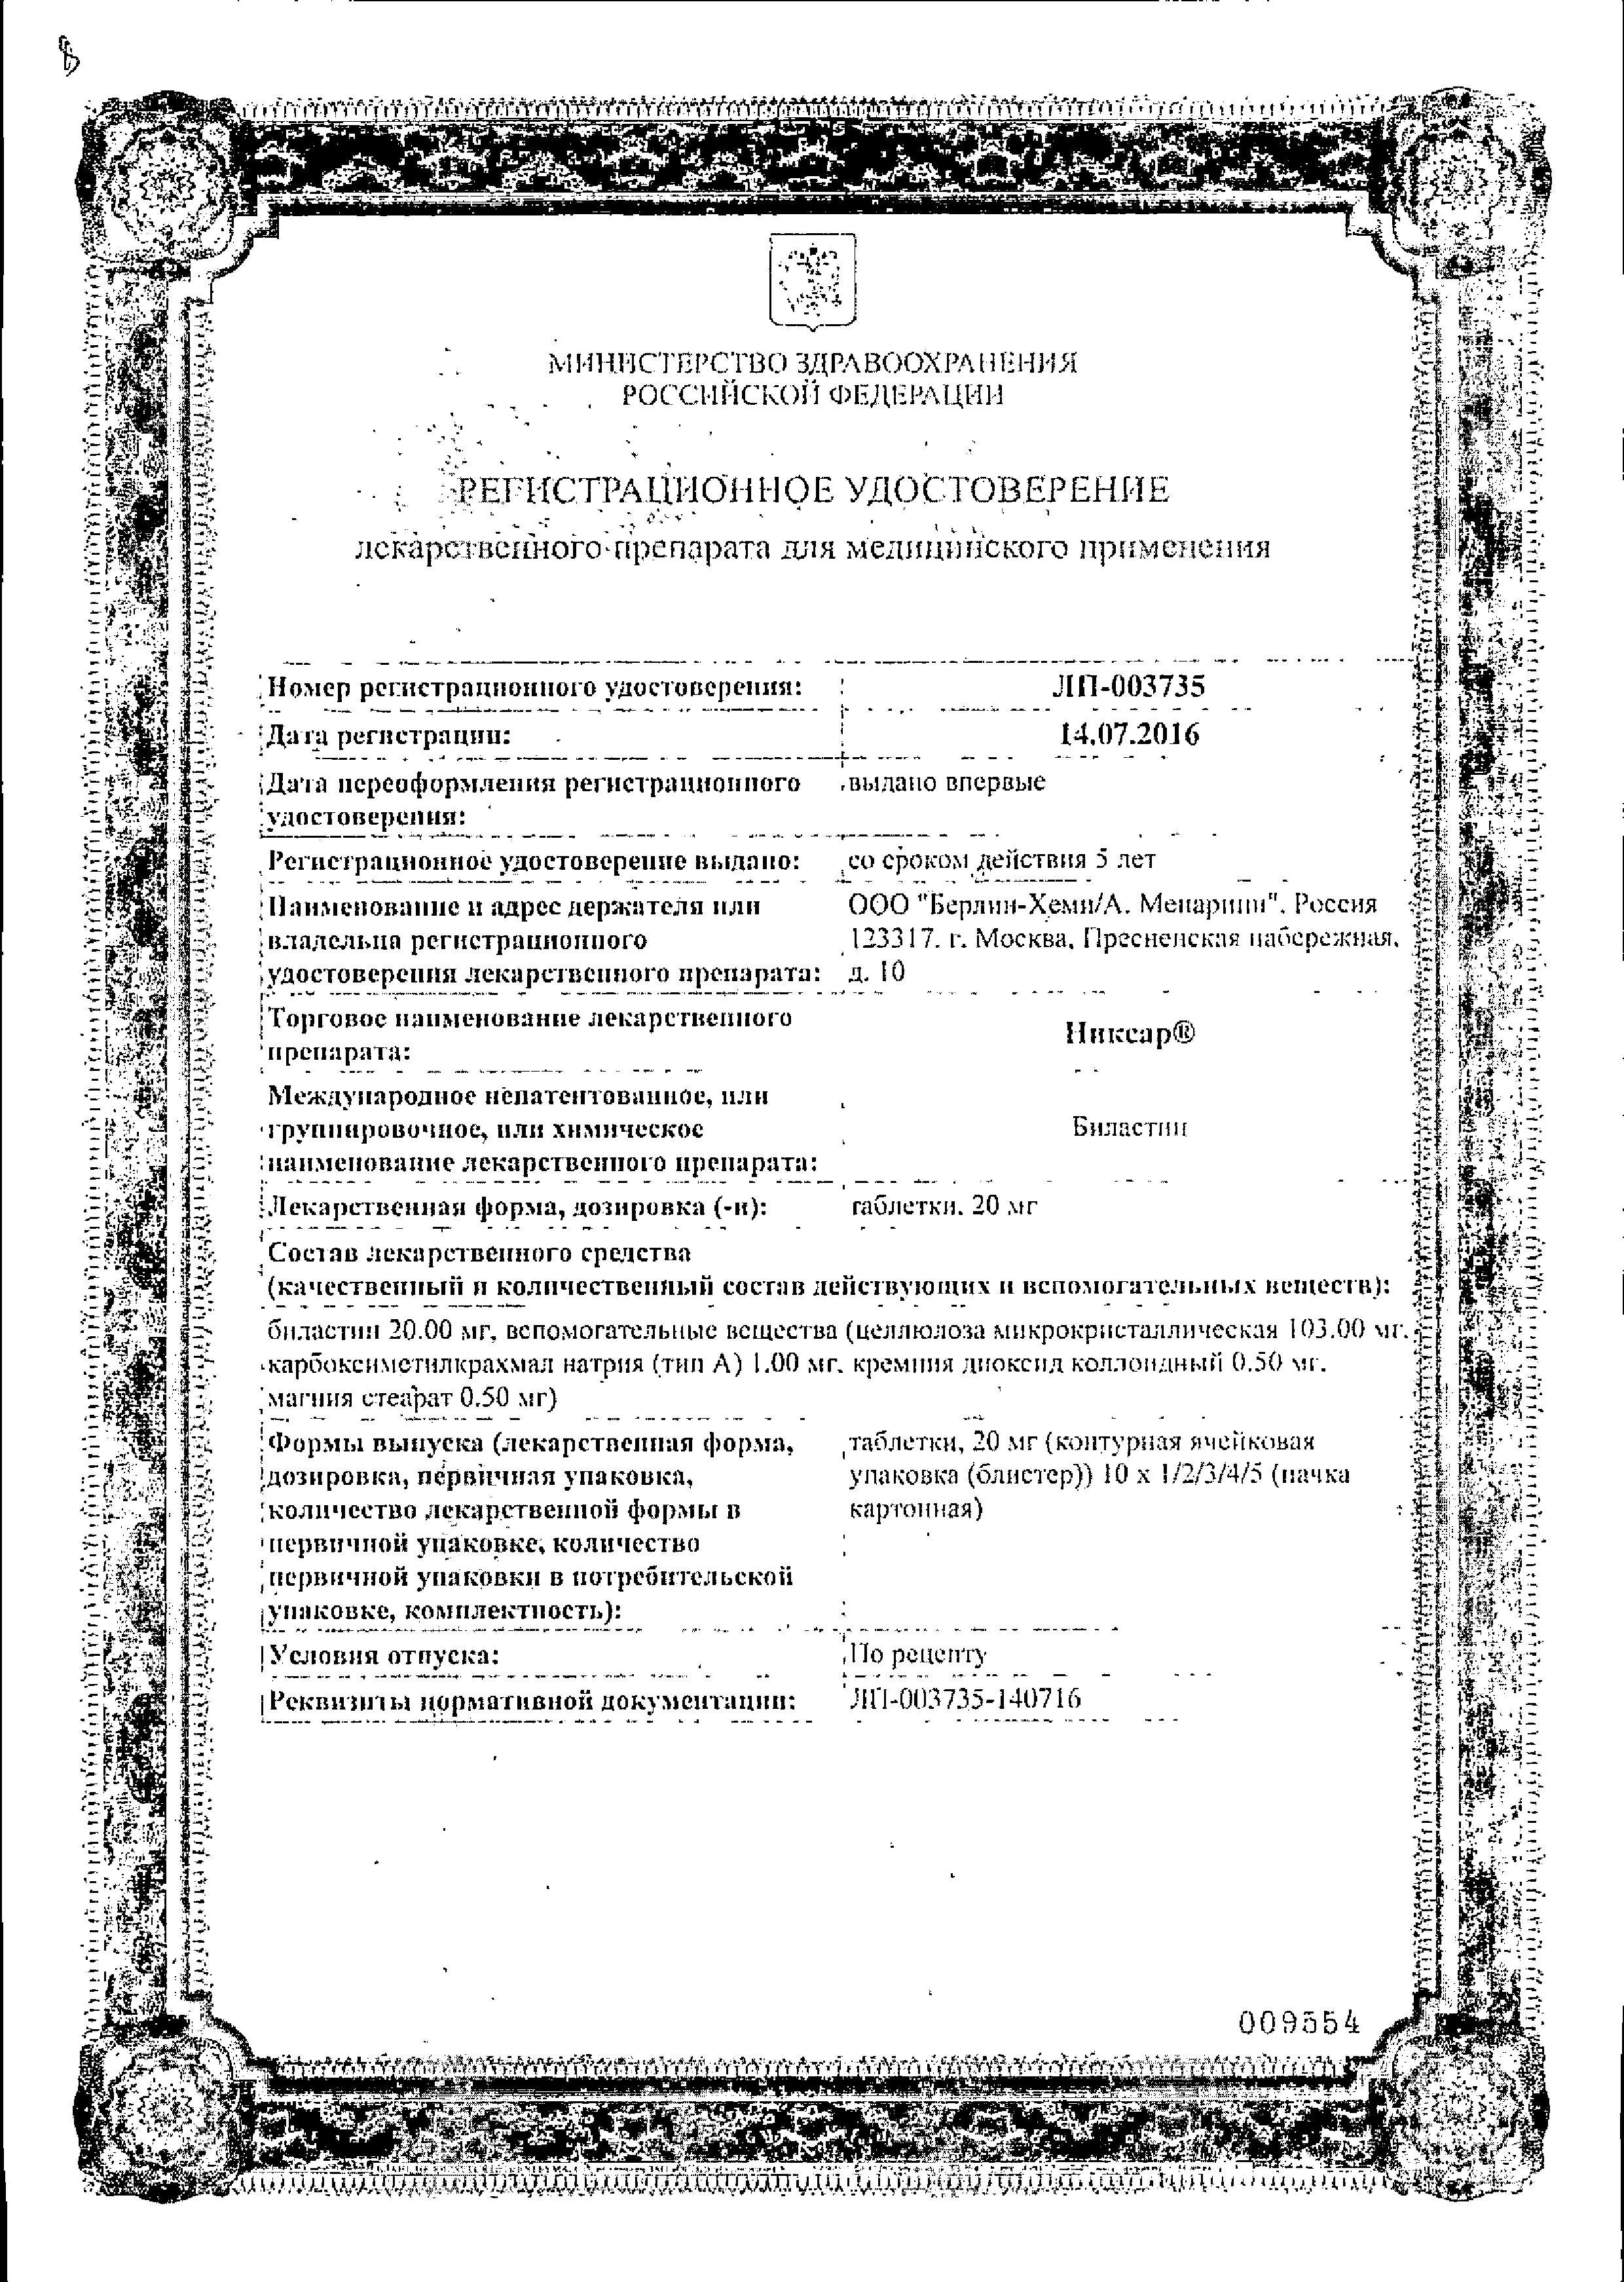 Никсар сертификат